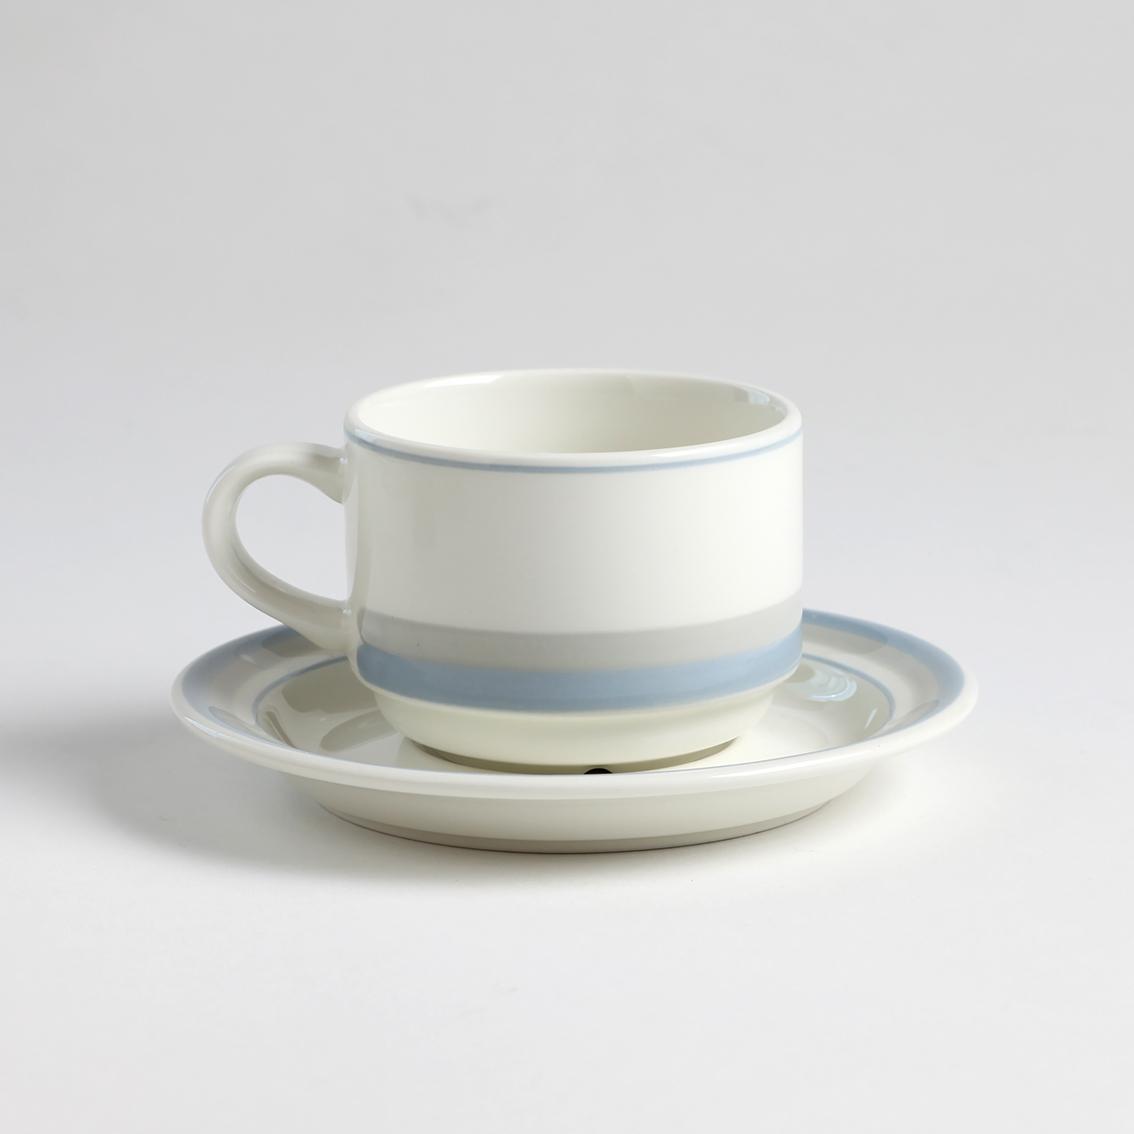 ARABIA アラビア Pallas パラス コーヒーカップ&ソーサー - 2 北欧ヴィンテージ